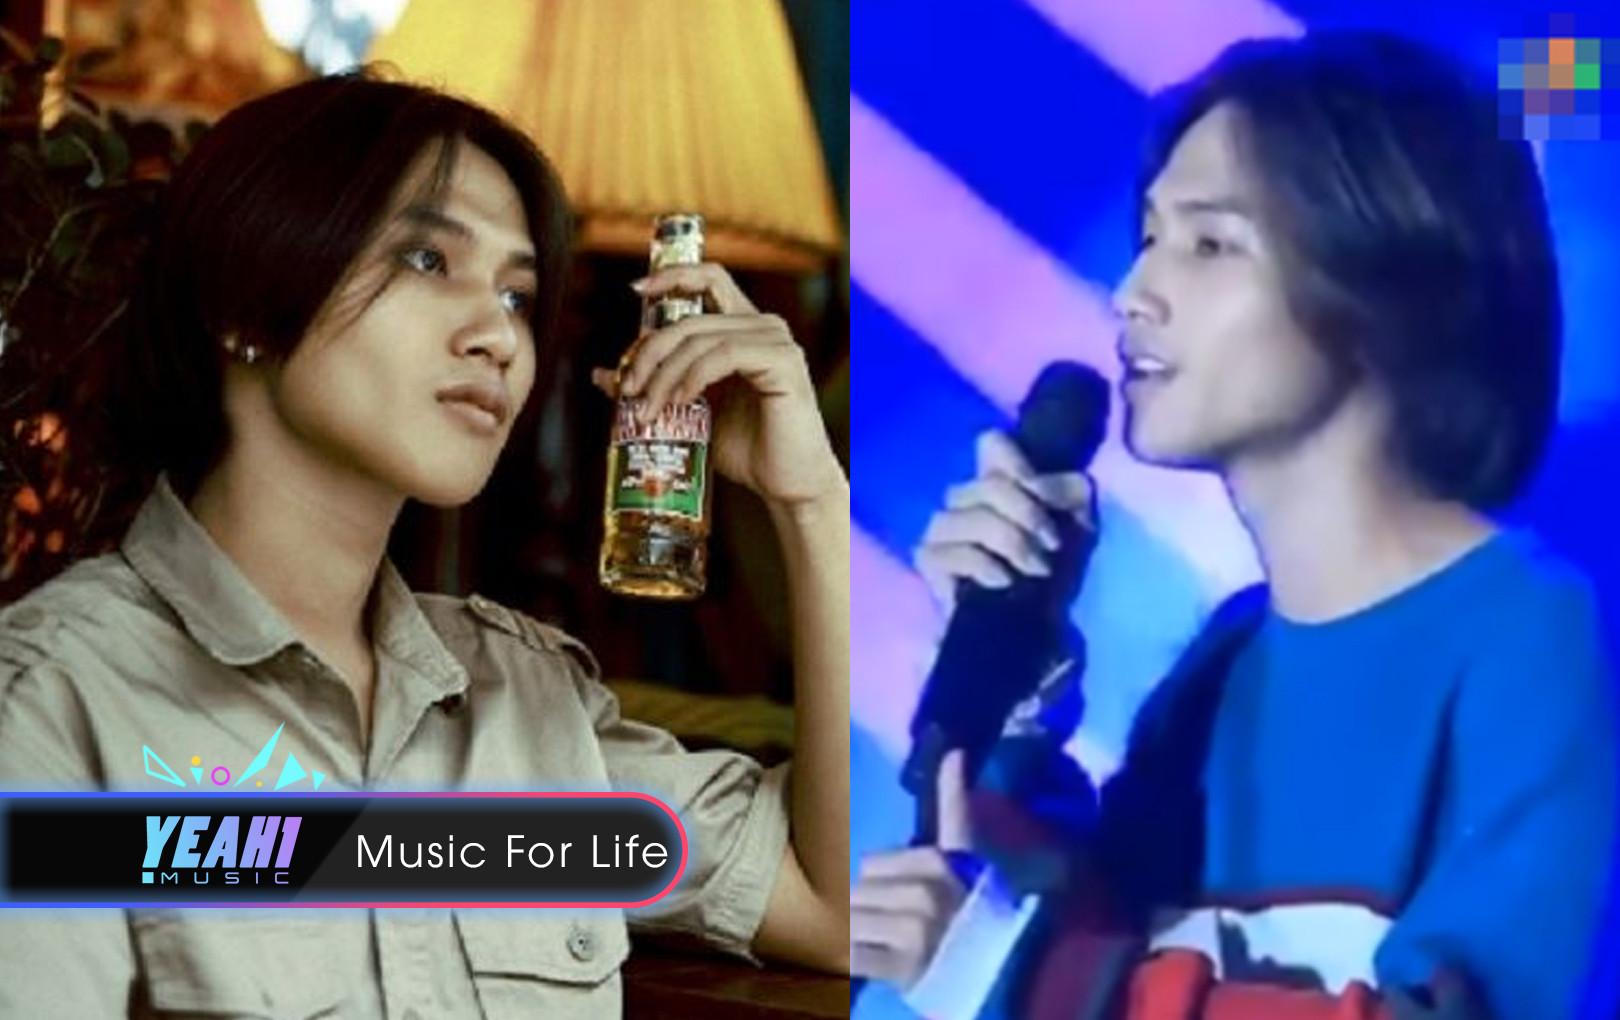 Lần đầu tiên hát live trên sân khấu, 'chính chủ' Hongkong1 gây thất vọng ngay từ nốt đầu tiên